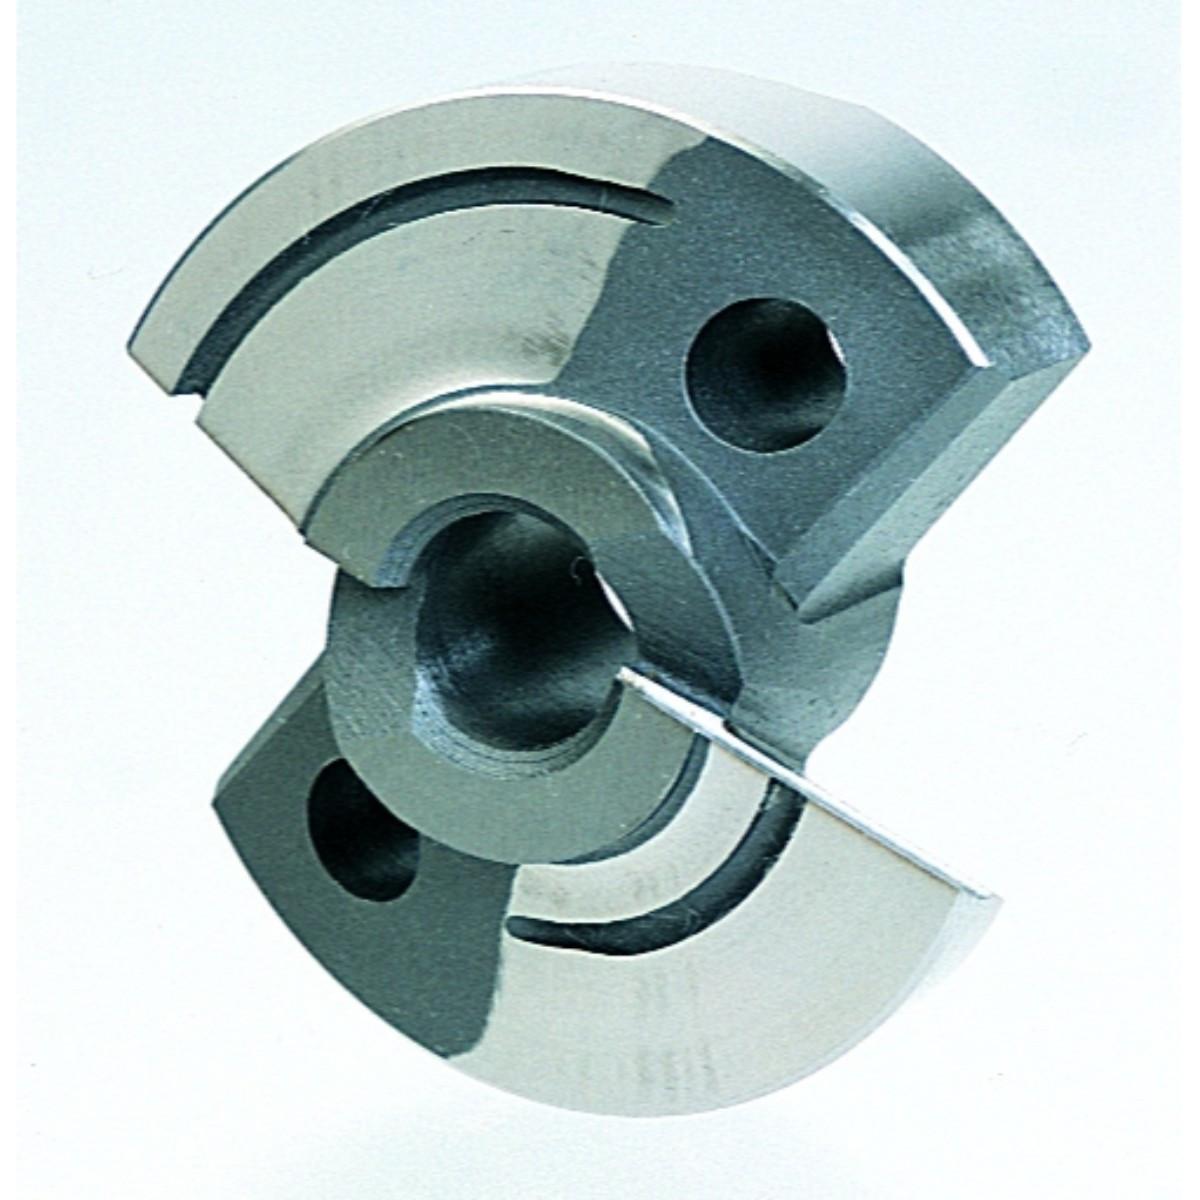 Granlund spiralborskær type 14B ø146 - 52 mm